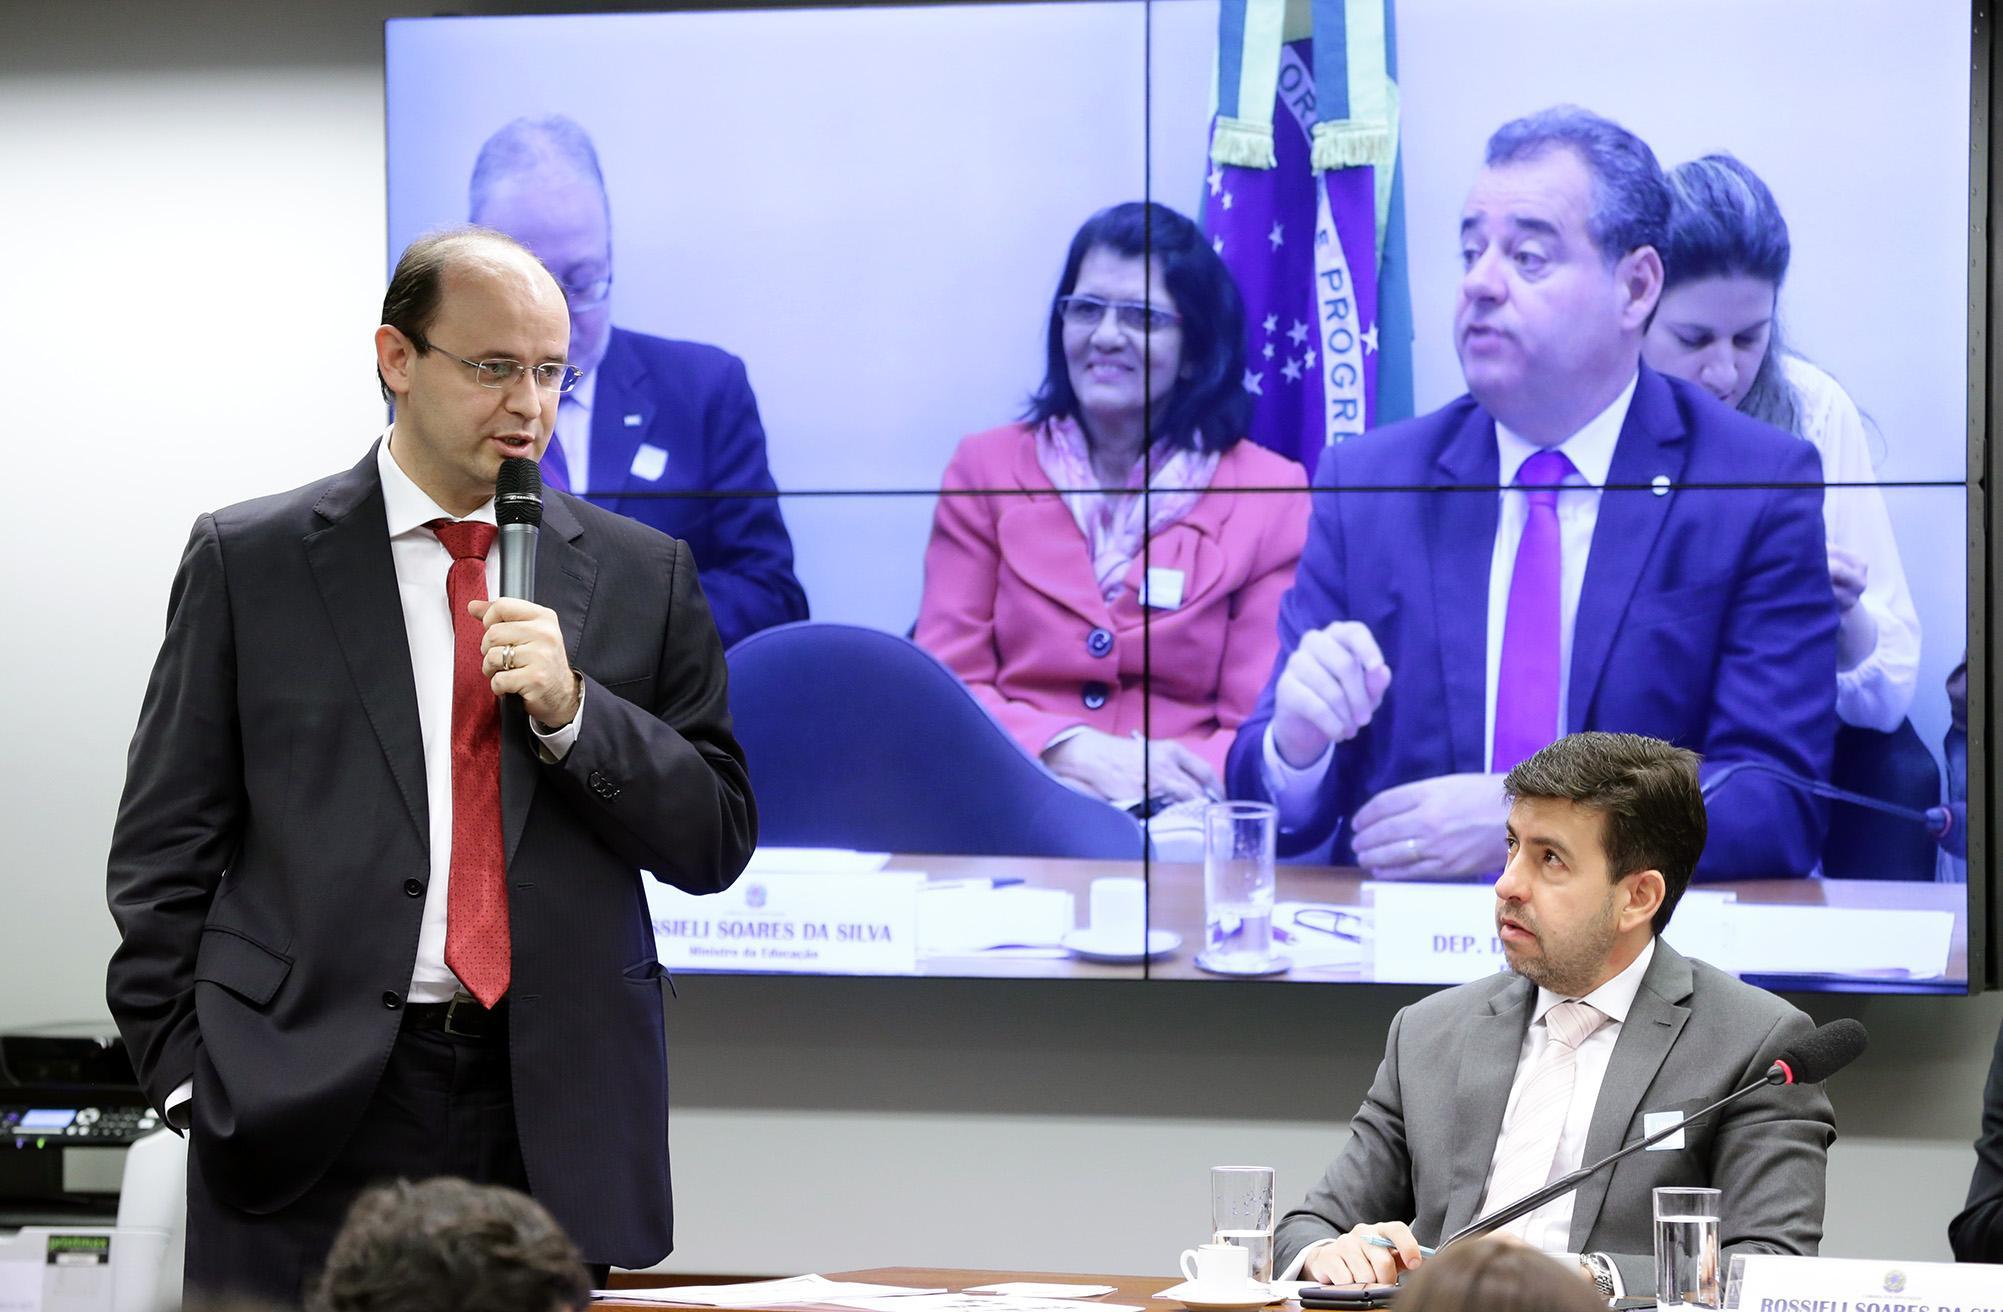 Reunião Ordinária. Ministro de Estado da Educação , Rossieli Soares da Silva